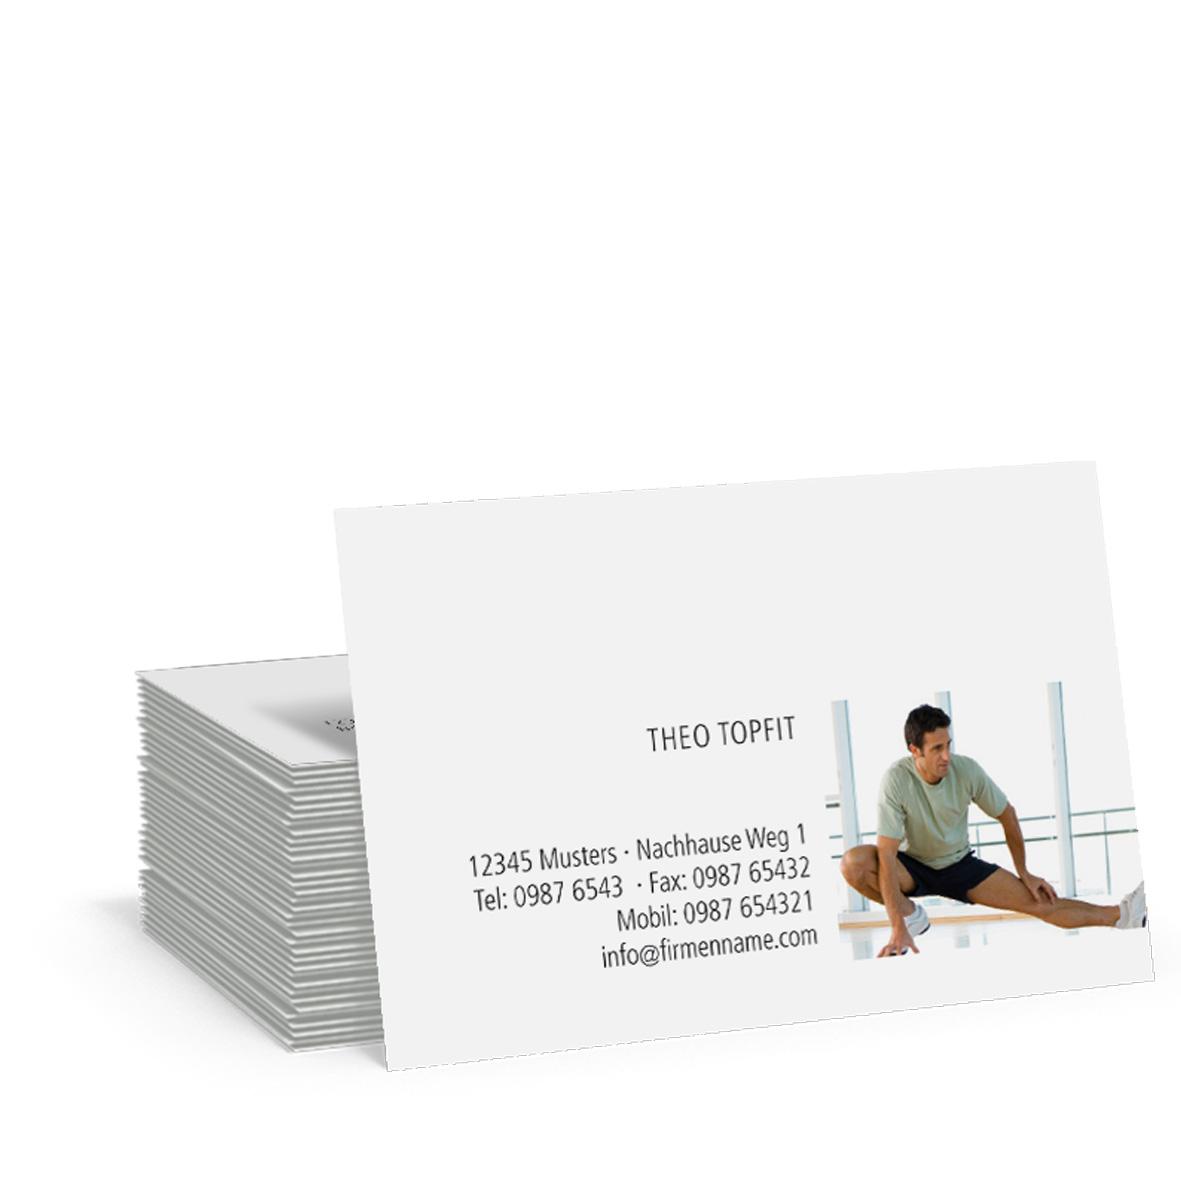 Pythagoras Marketing Gmbh Visitenkarte Gym Geschenkgutscheine Visitenkarten Kundenkarten Und Weitere Treuesysteme